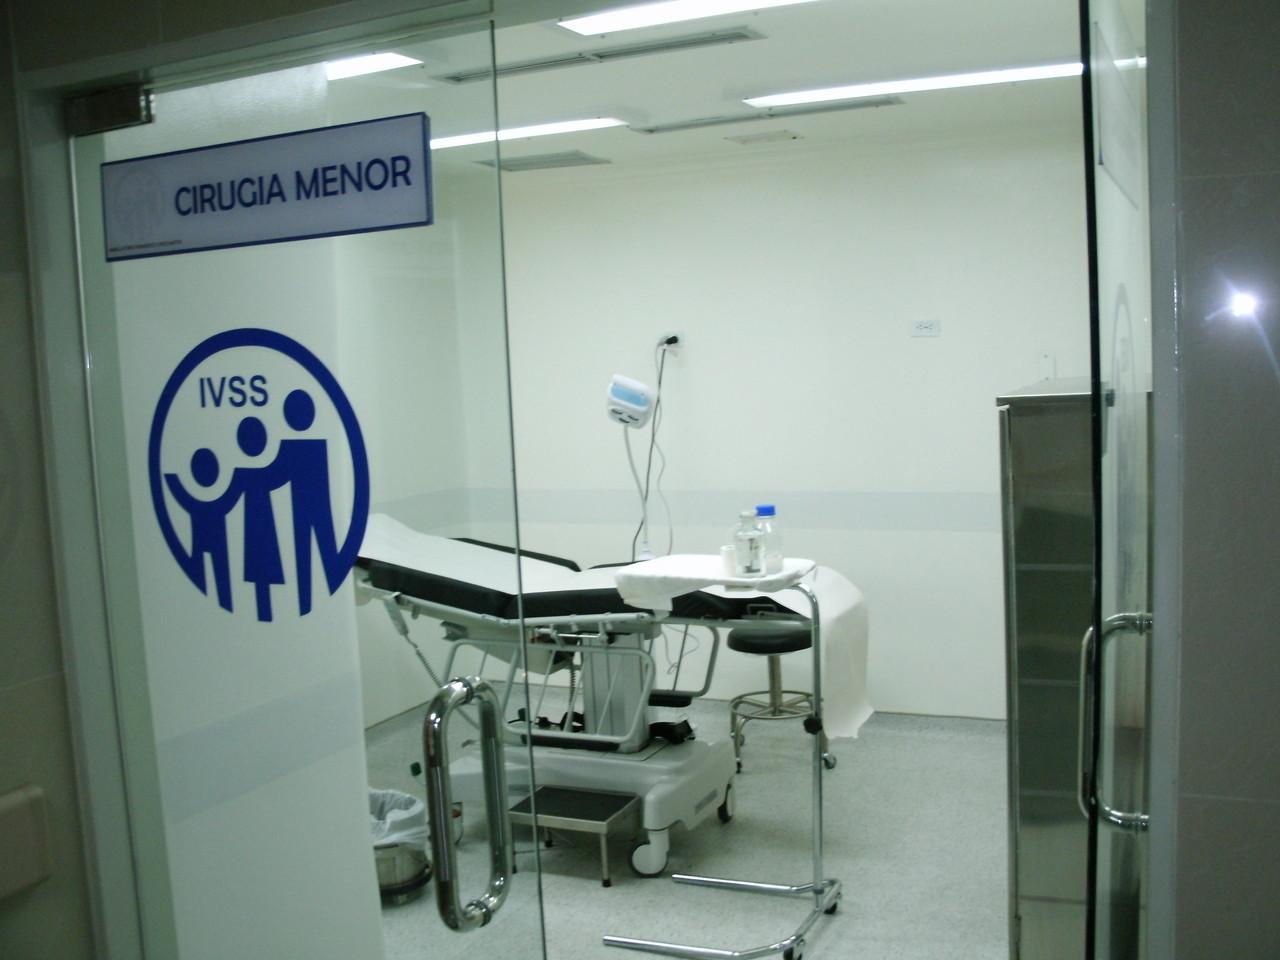 Cirugia menor